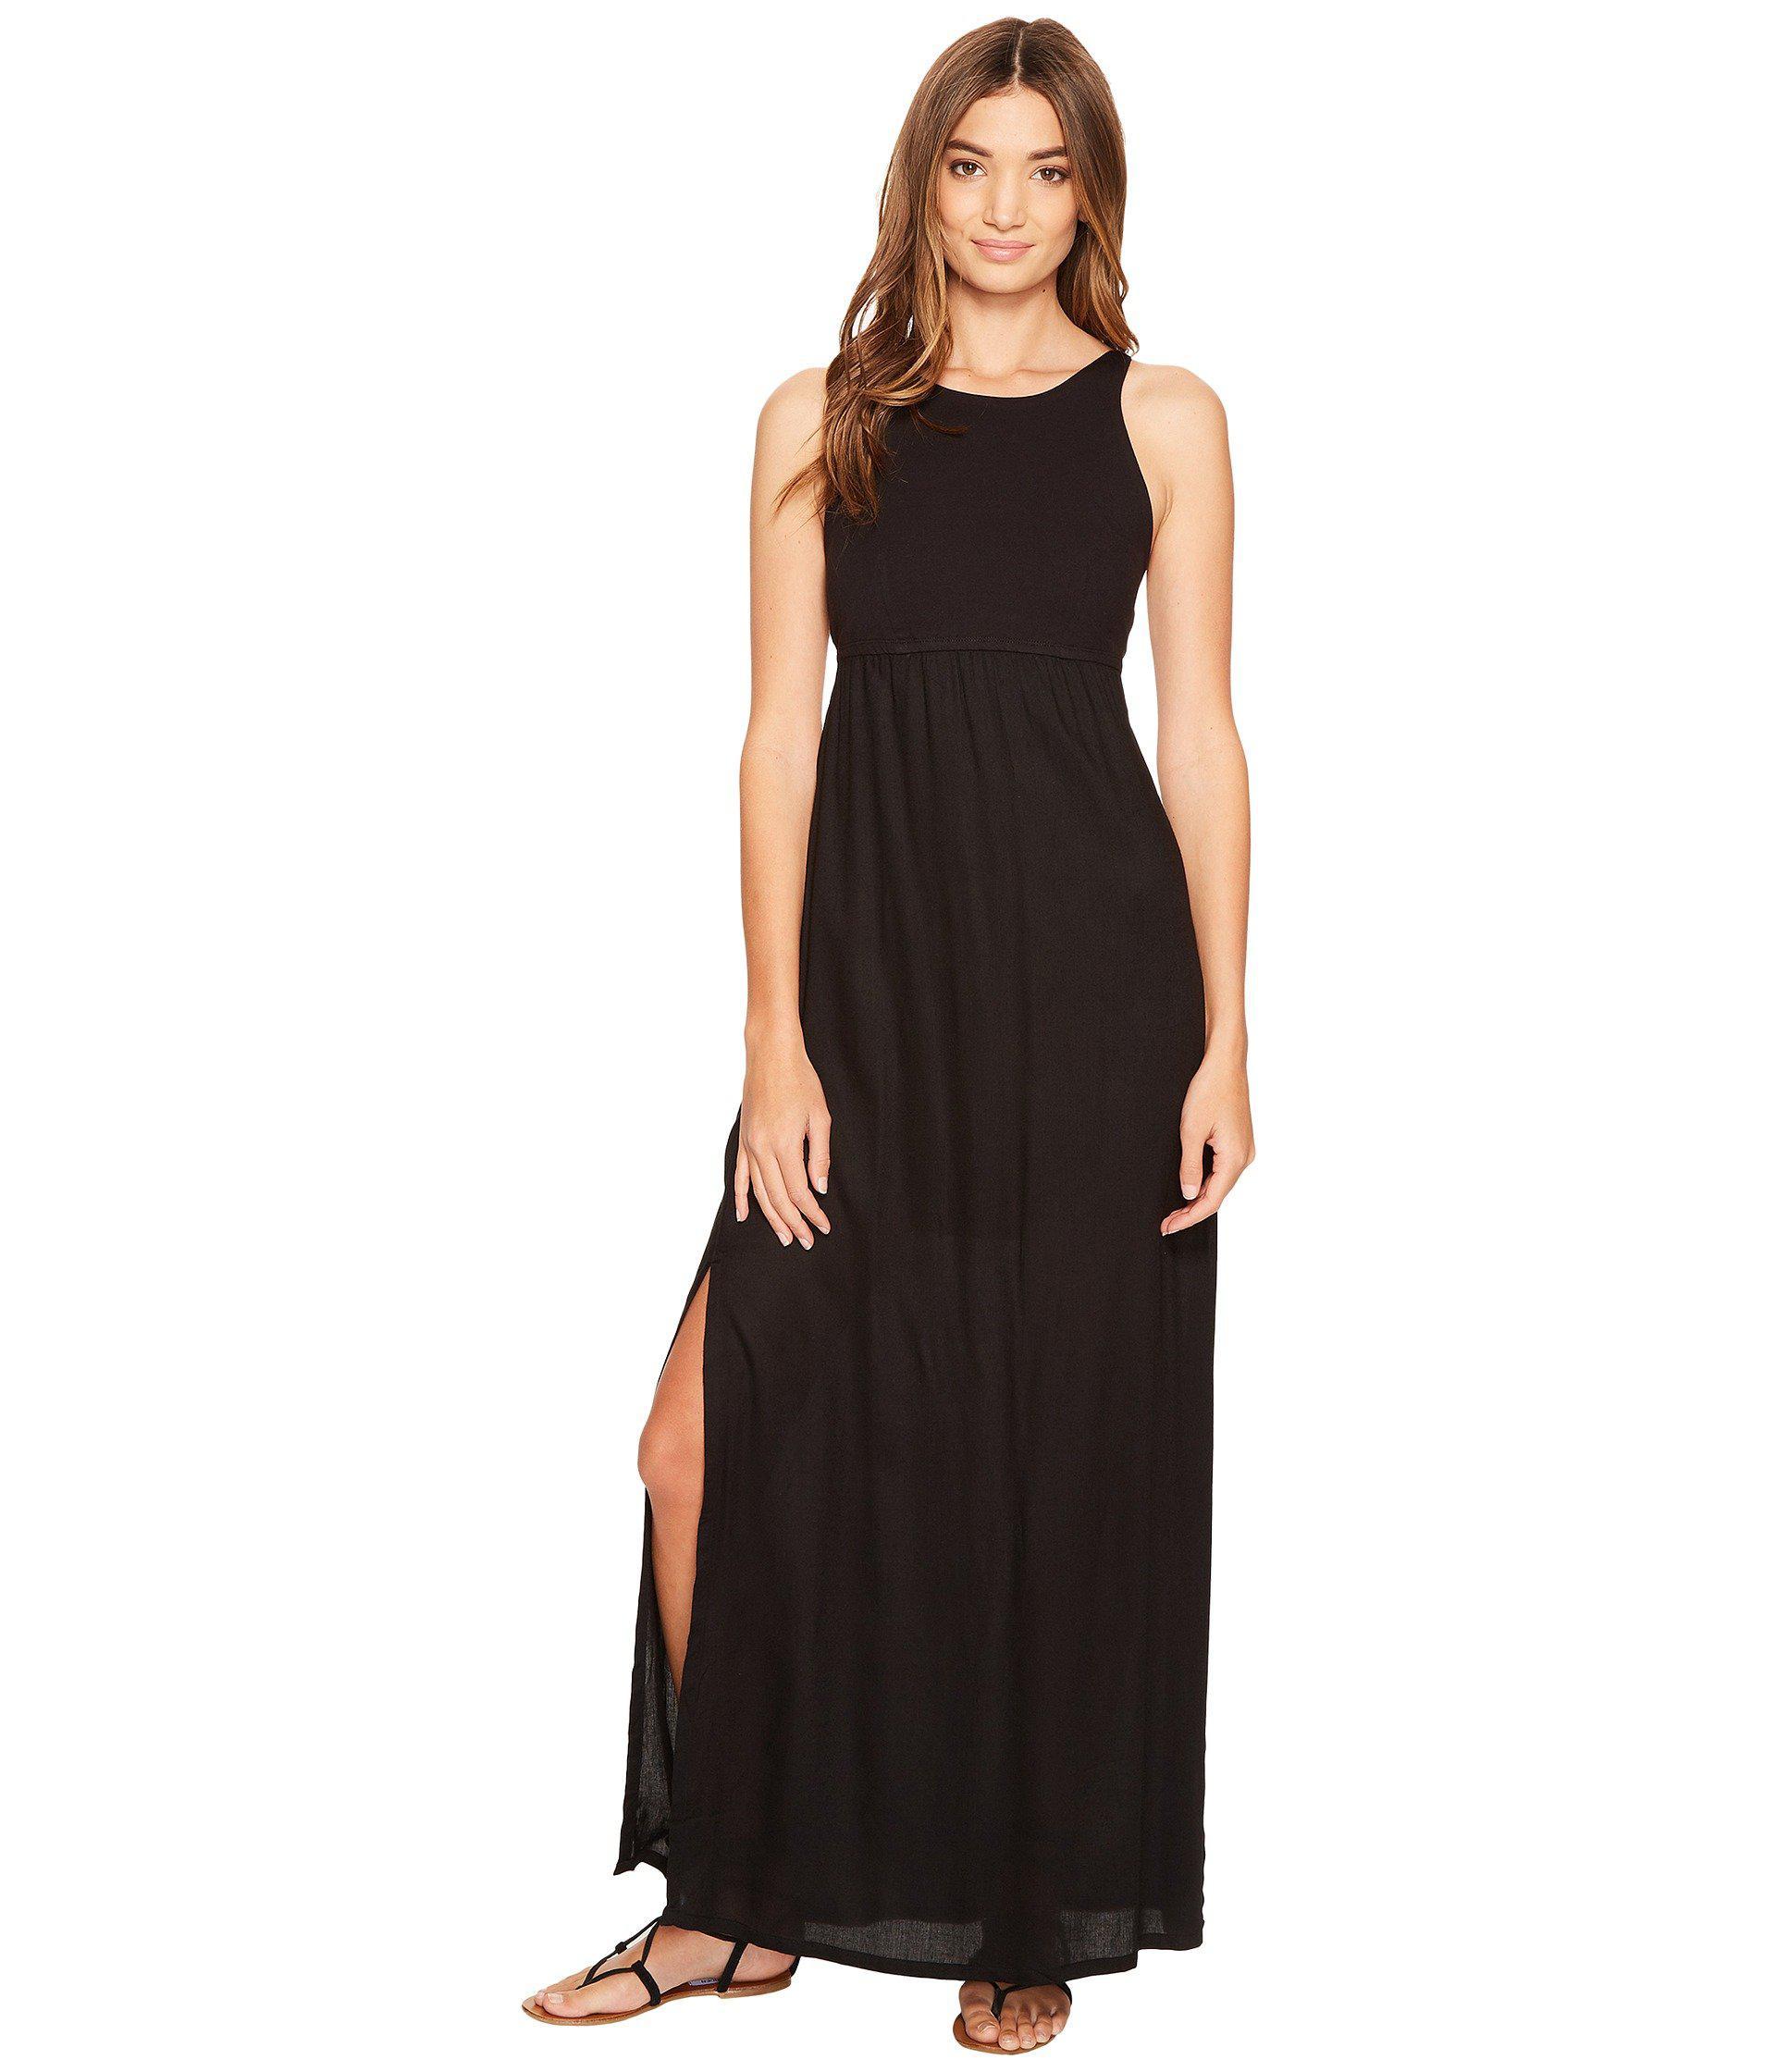 f904e89d2f1 Lyst - RVCA Hazel Maxi Dress in Black